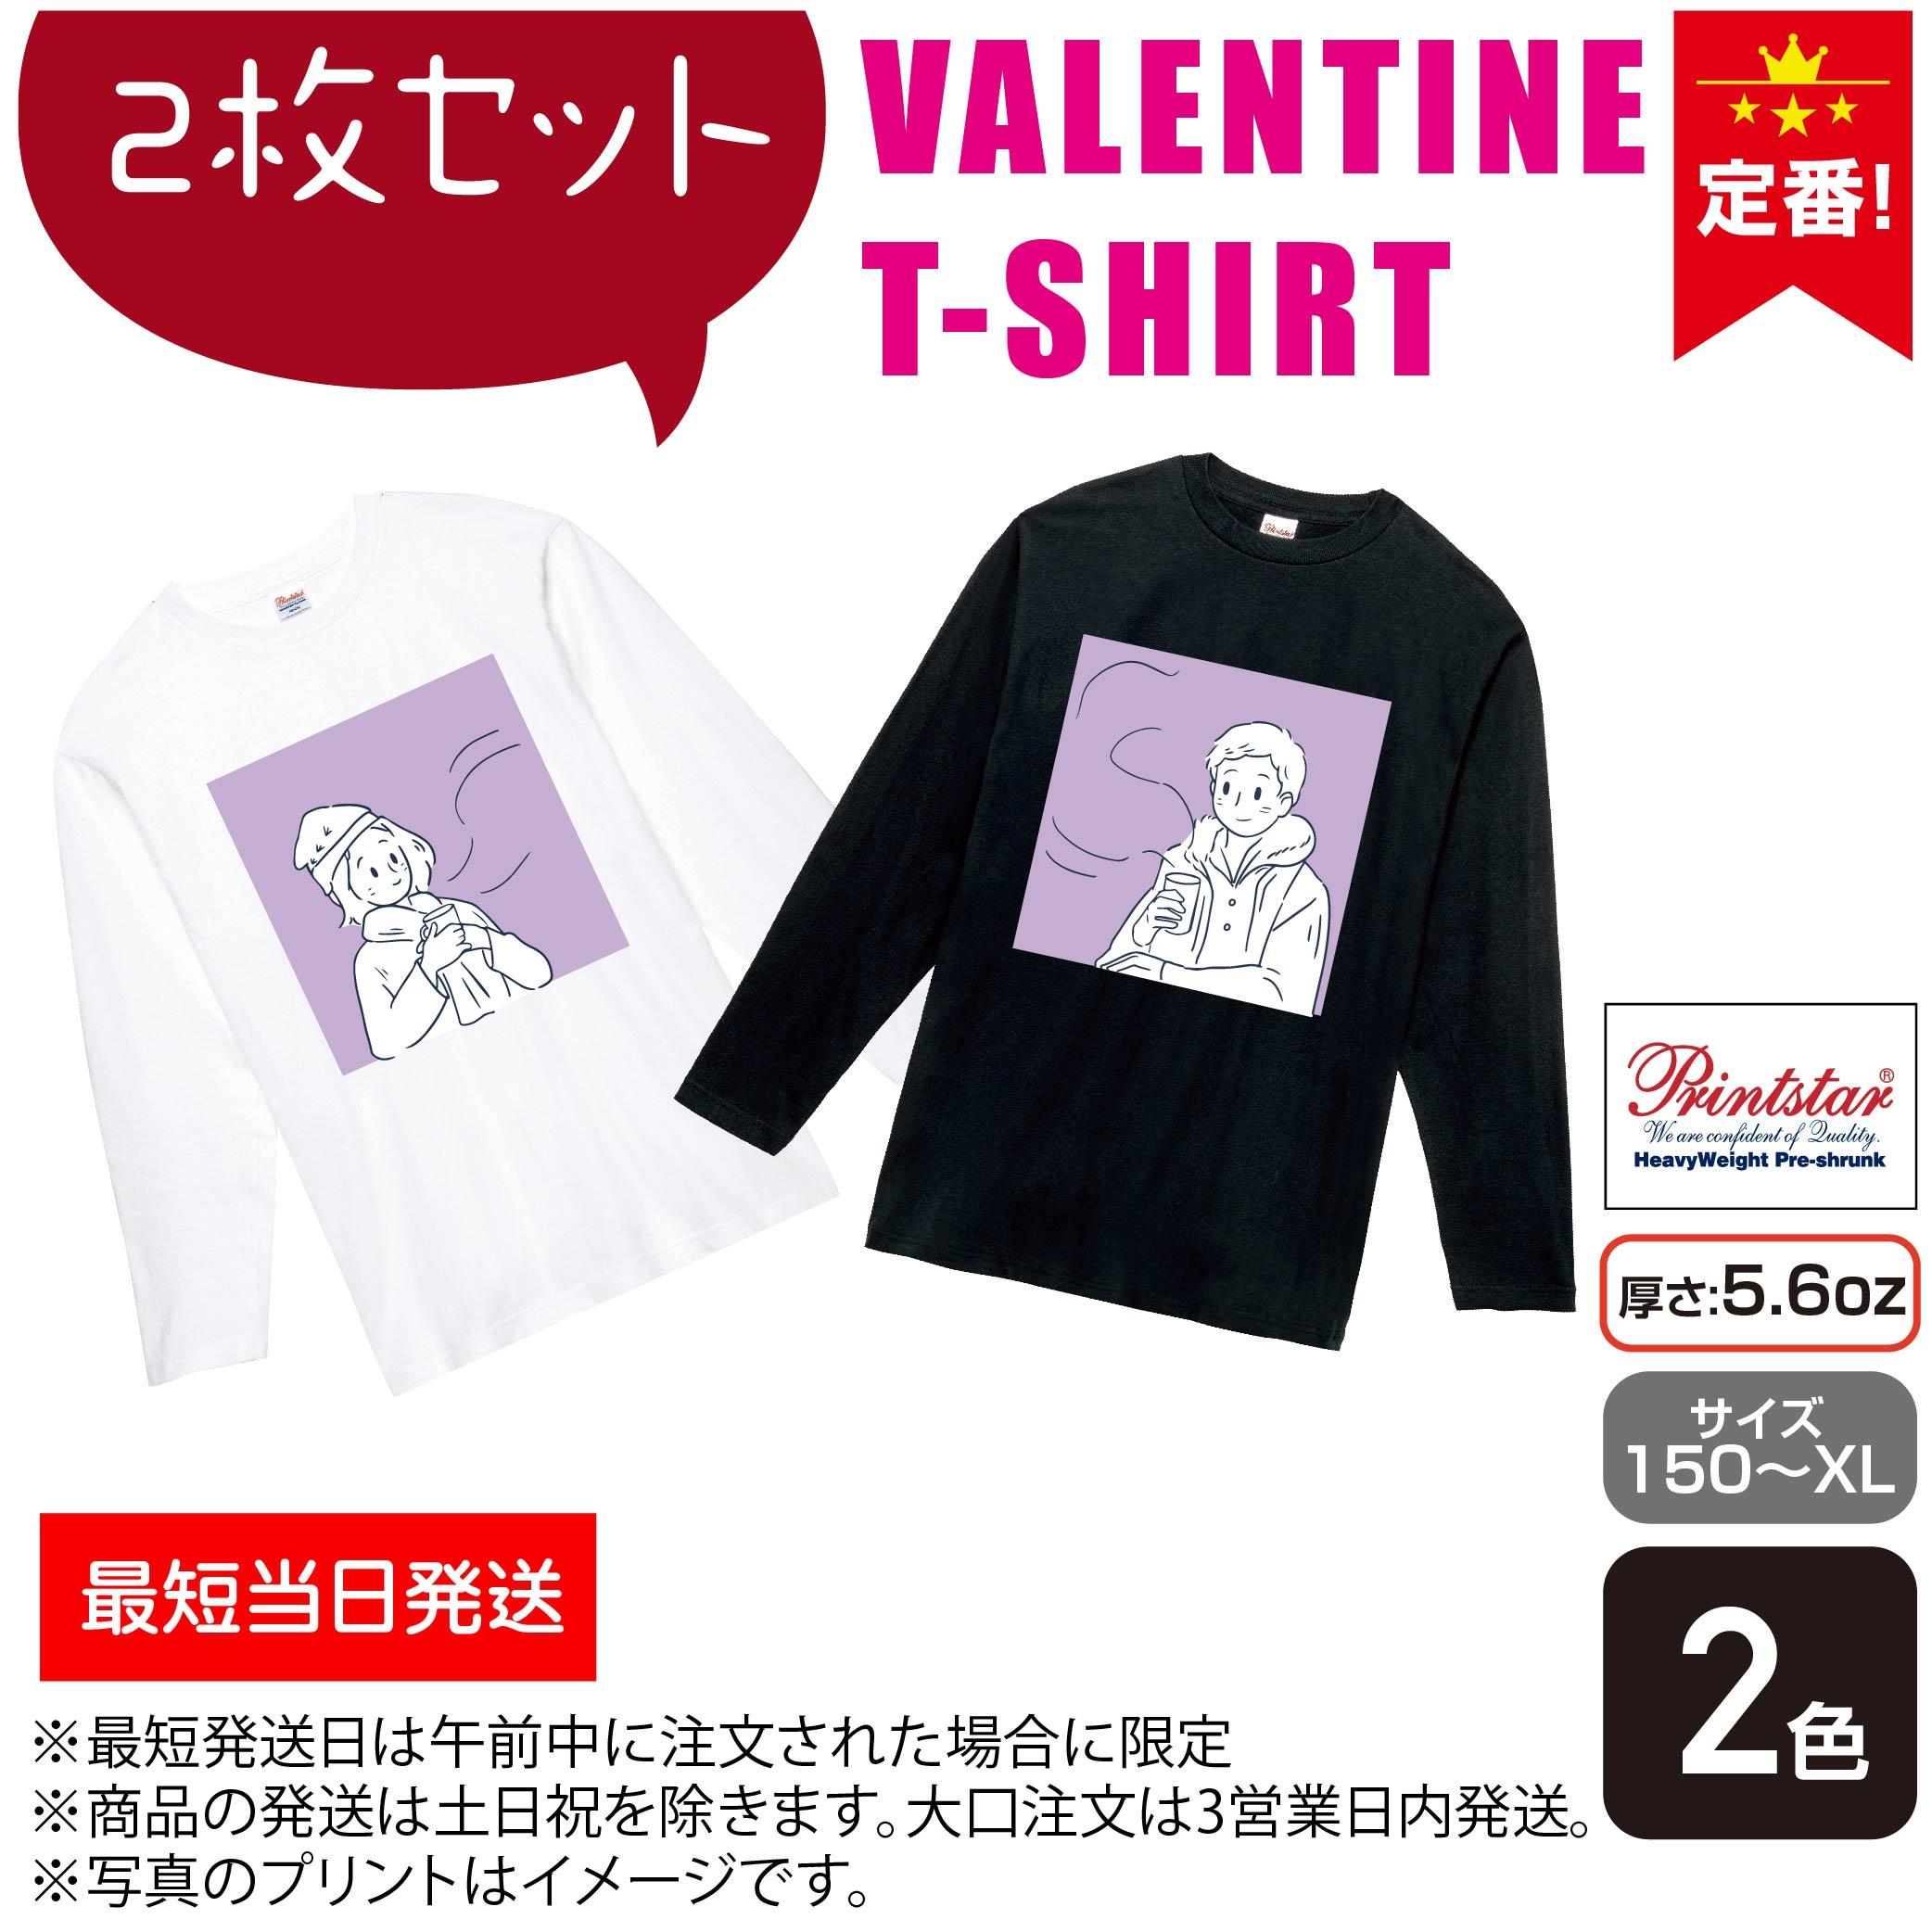 激安 バレンタイン2枚セット ラッピング無料 tシャツ 送料無料 選べる2色 あい ペア ペアルック カップル 恋人 長袖 2枚セット 結婚祝い 女性 くっつくハート 彼女 lt102-b105 おもしろ 妻 彼氏 プレゼント ペアTシャツ 爆売り